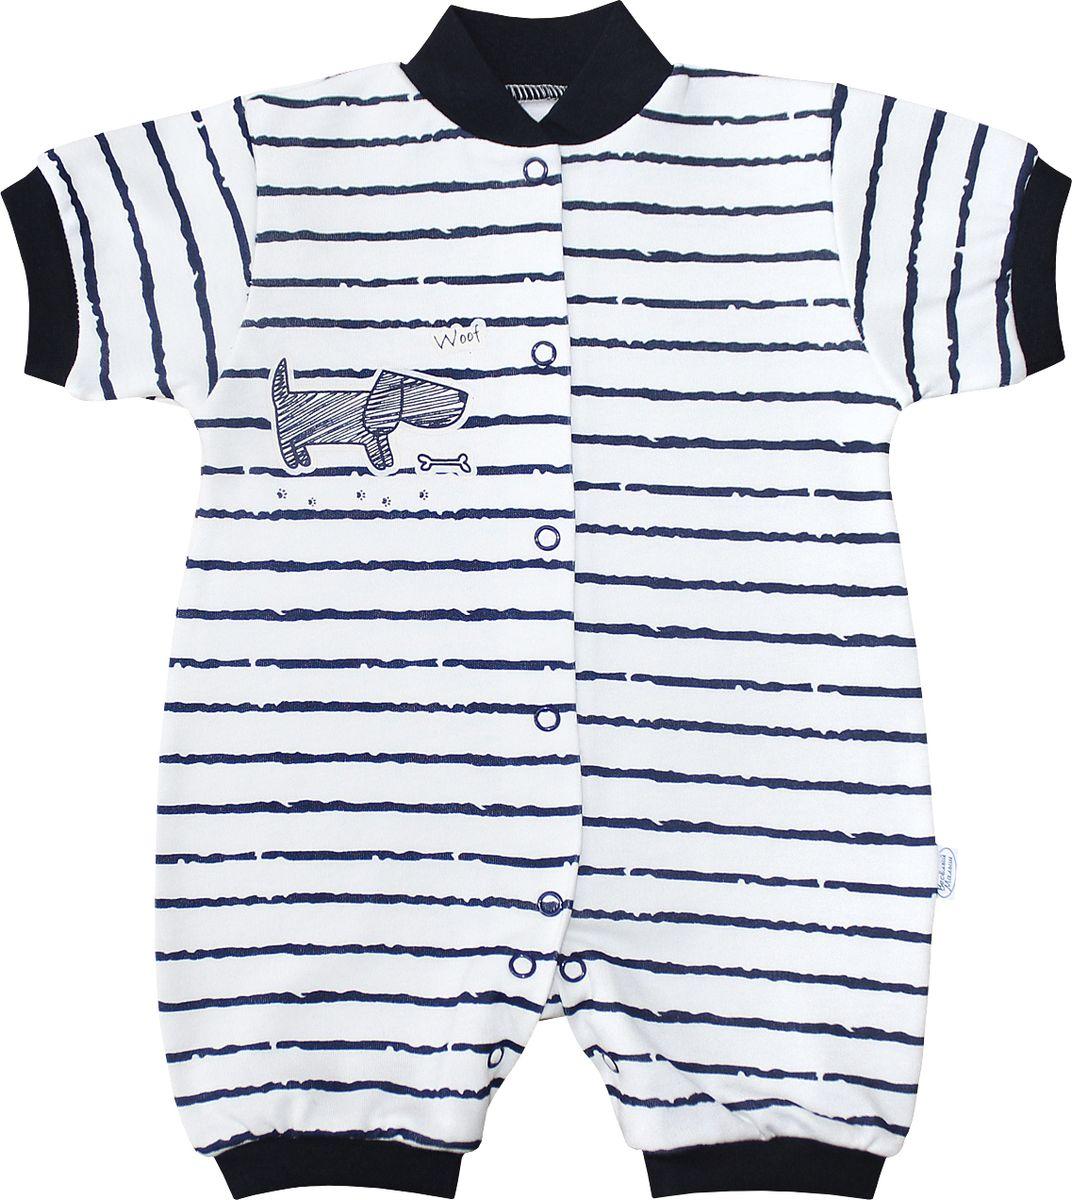 Песочник для мальчика Веселый малыш Верные друзья, цвет: белый, темно-синий. 52322/вд-E (1). Размер 80